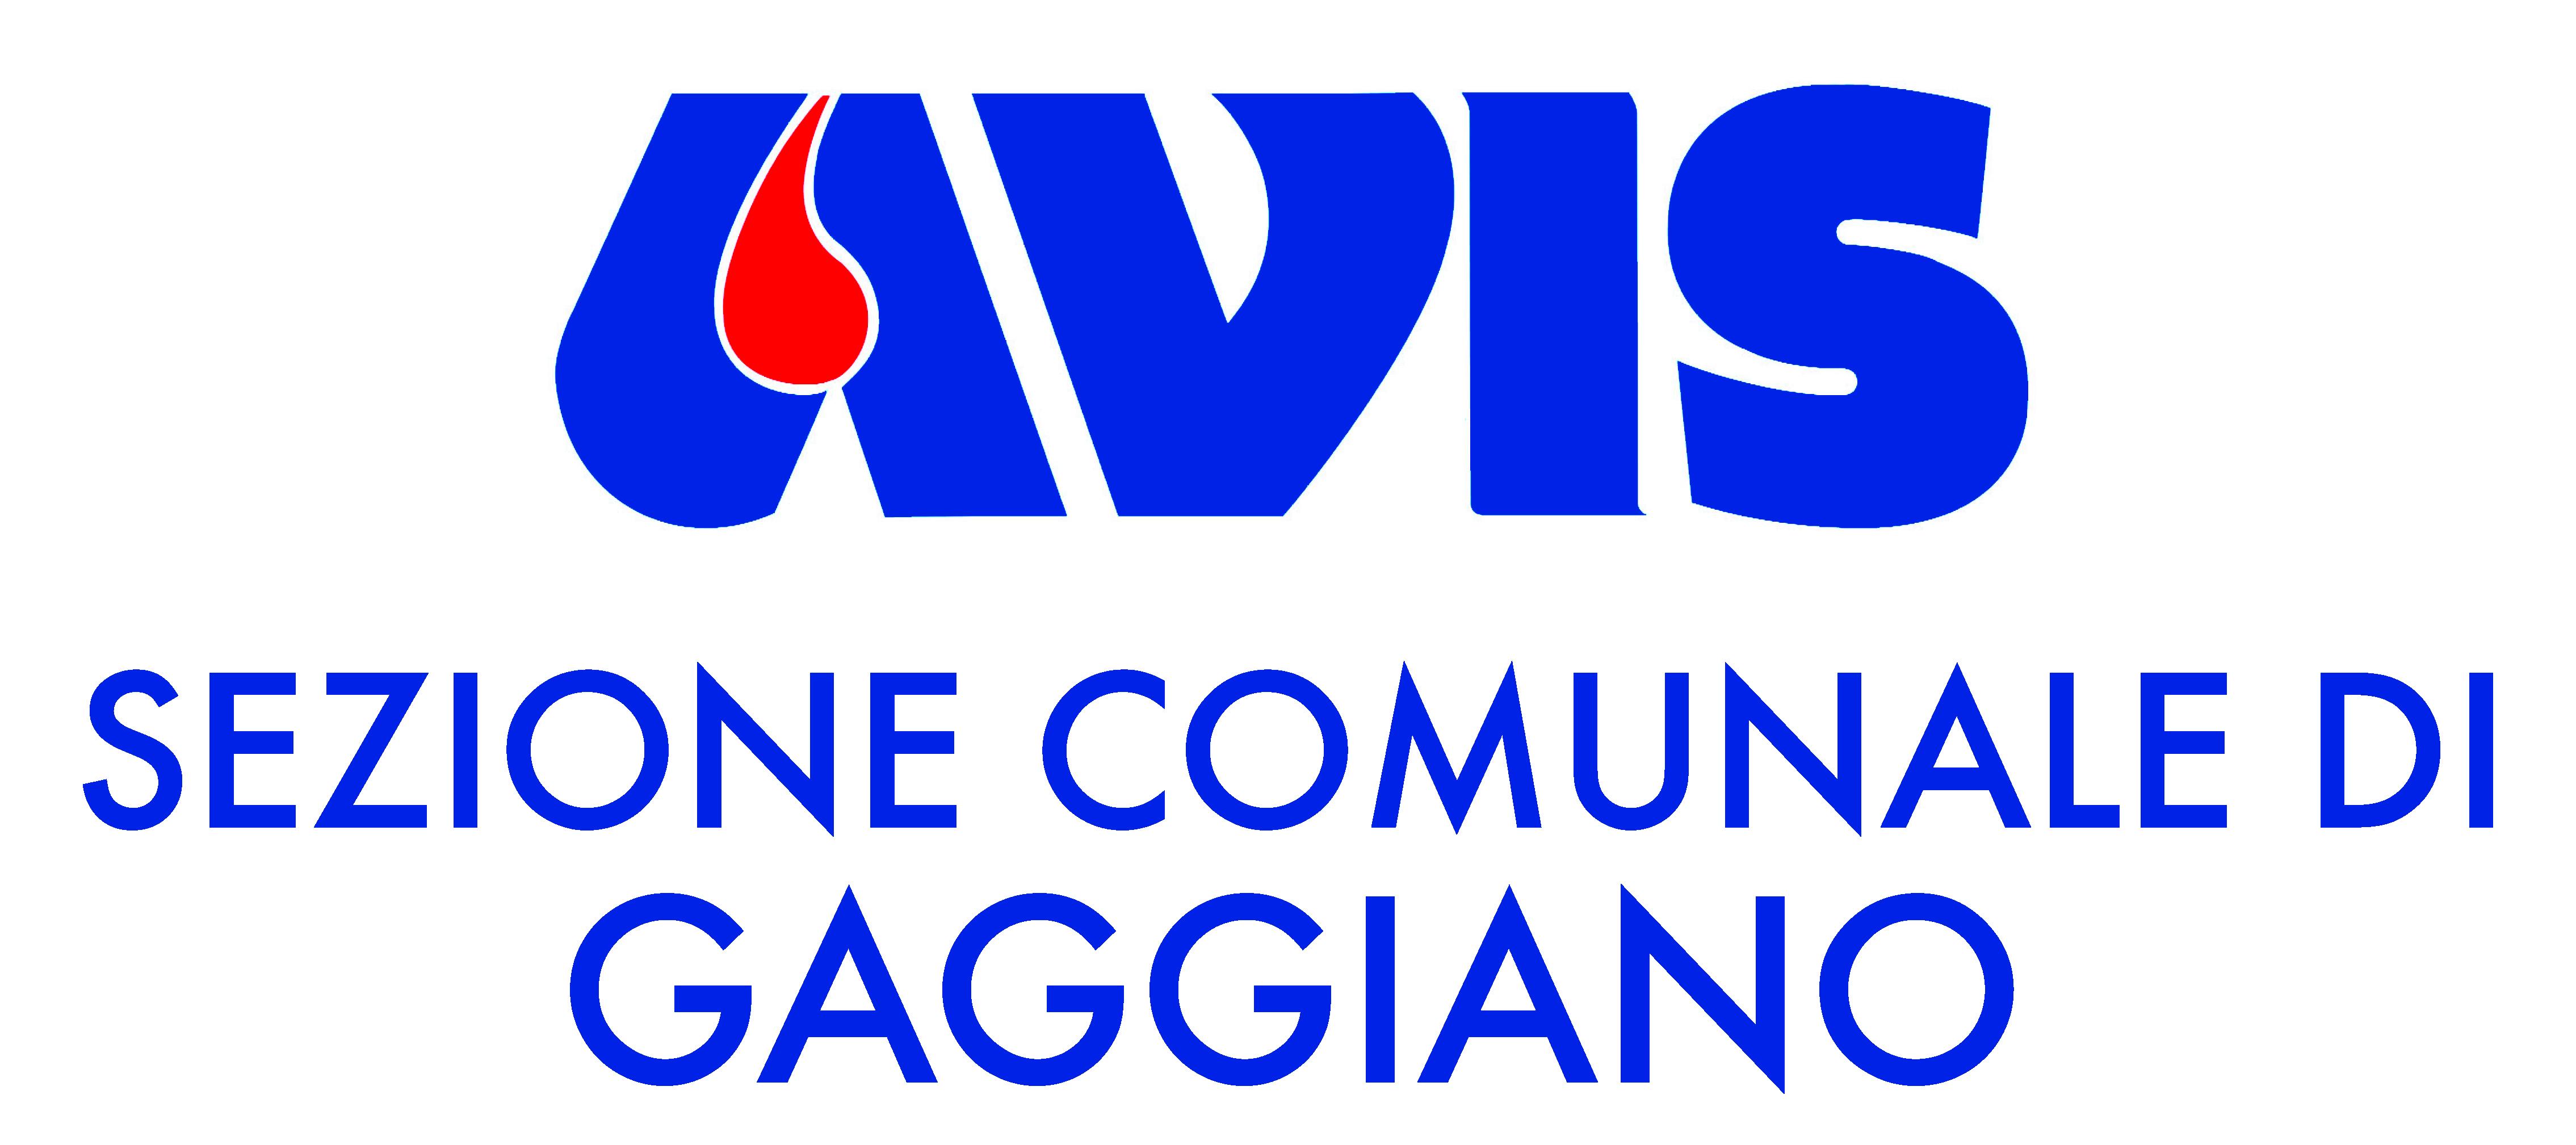 17 novembre 2013 – L'Avis di Gaggiano vi aspetta per la donazione di sangue